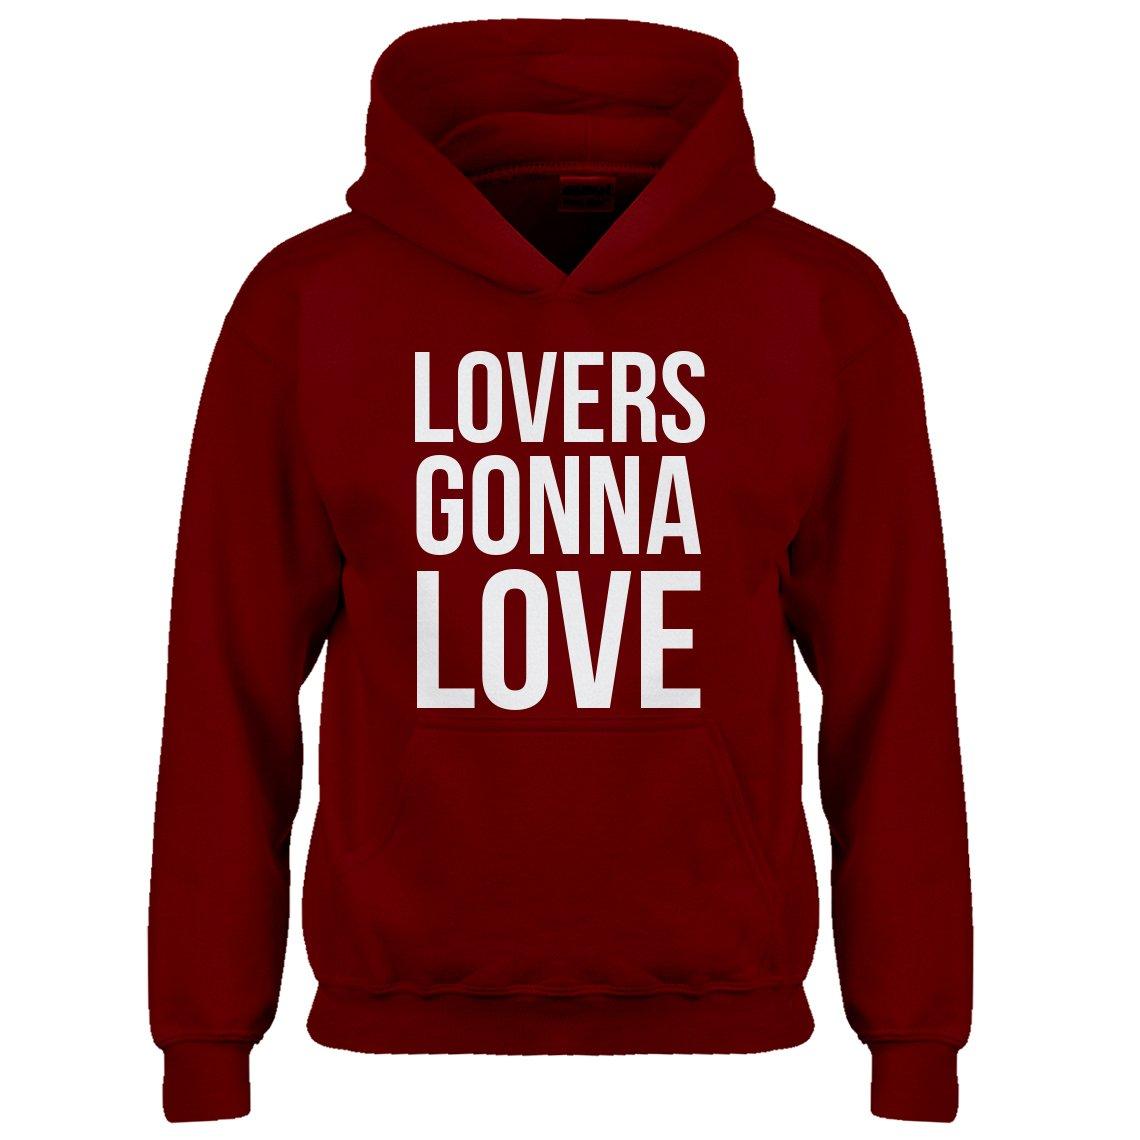 Kids Hoodie Lovers Gonna Love Medium Red Hoodie by Indica Plateau (Image #1)